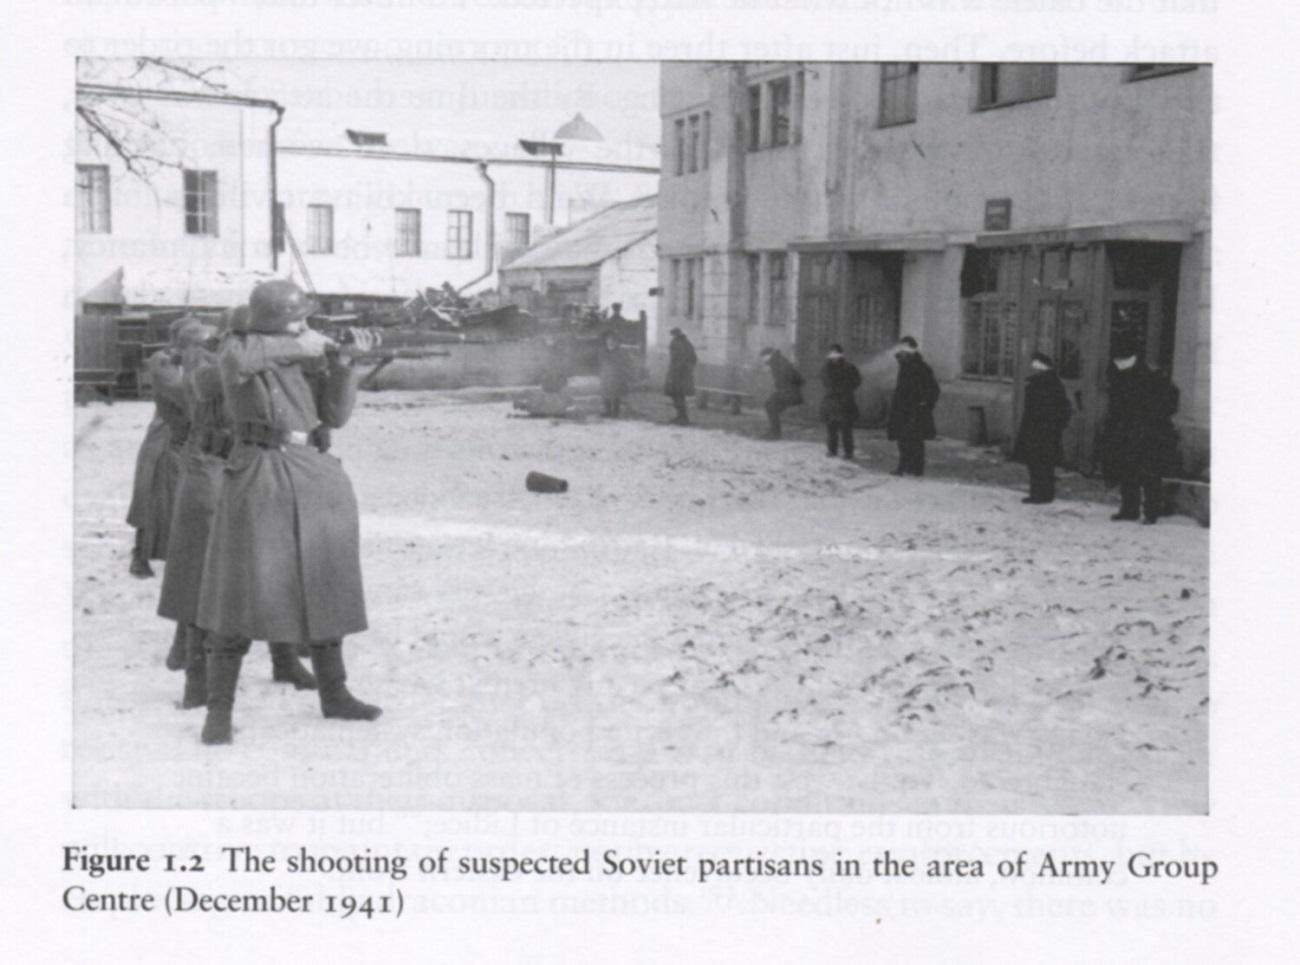 Nemški okupatorji streljajo osumljene partizane. Vir: David Stahel, The battle for Moscow